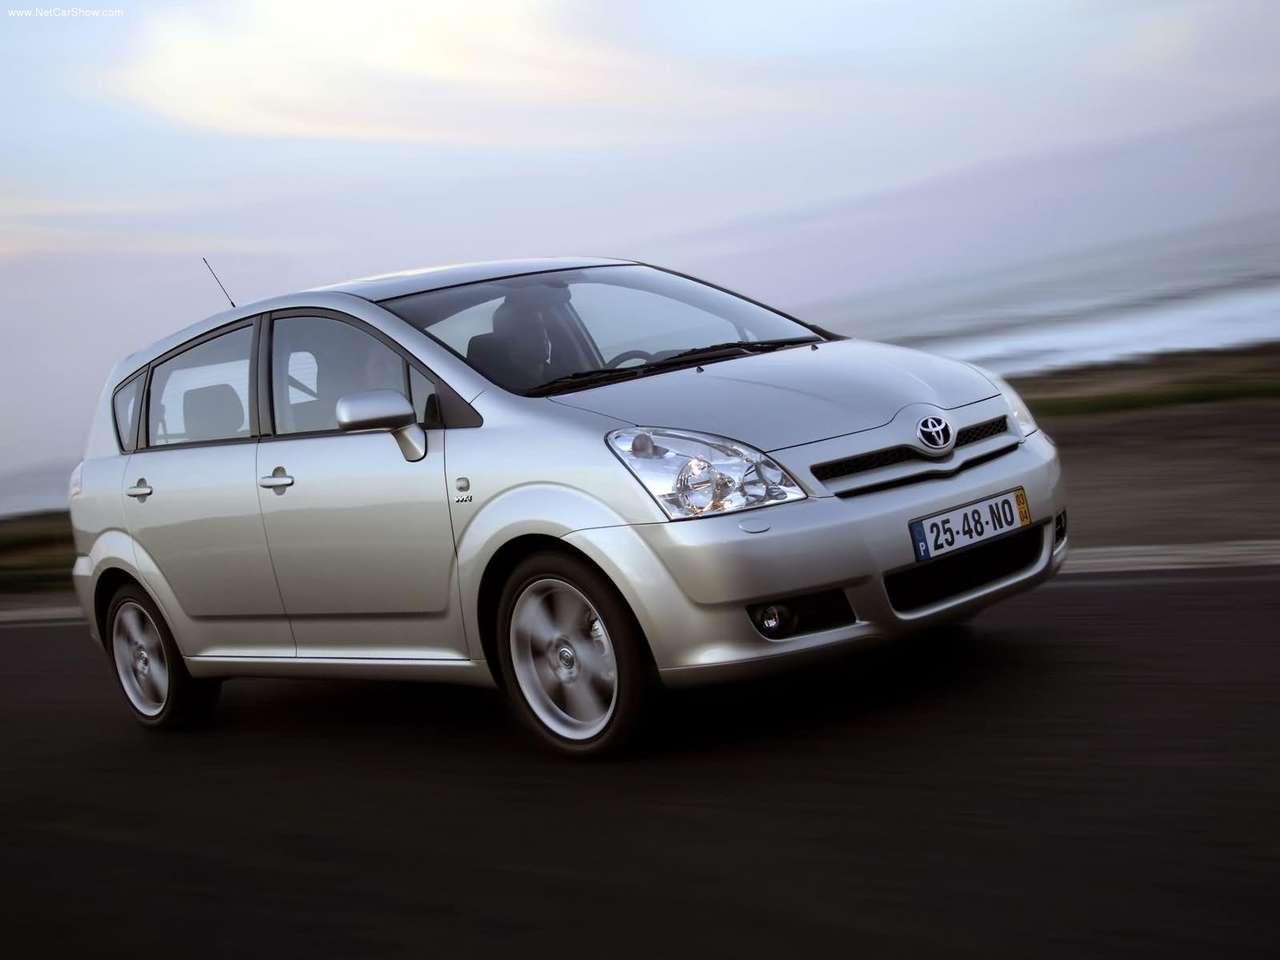 http://1.bp.blogspot.com/_xhqjRo6NERQ/S8l_p8sGBBI/AAAAAAAAIEA/IuIve-UQfAc/s1600/Toyota-Corolla_Verso_VVTi_2004_1280x960_wallpaper_01.jpg